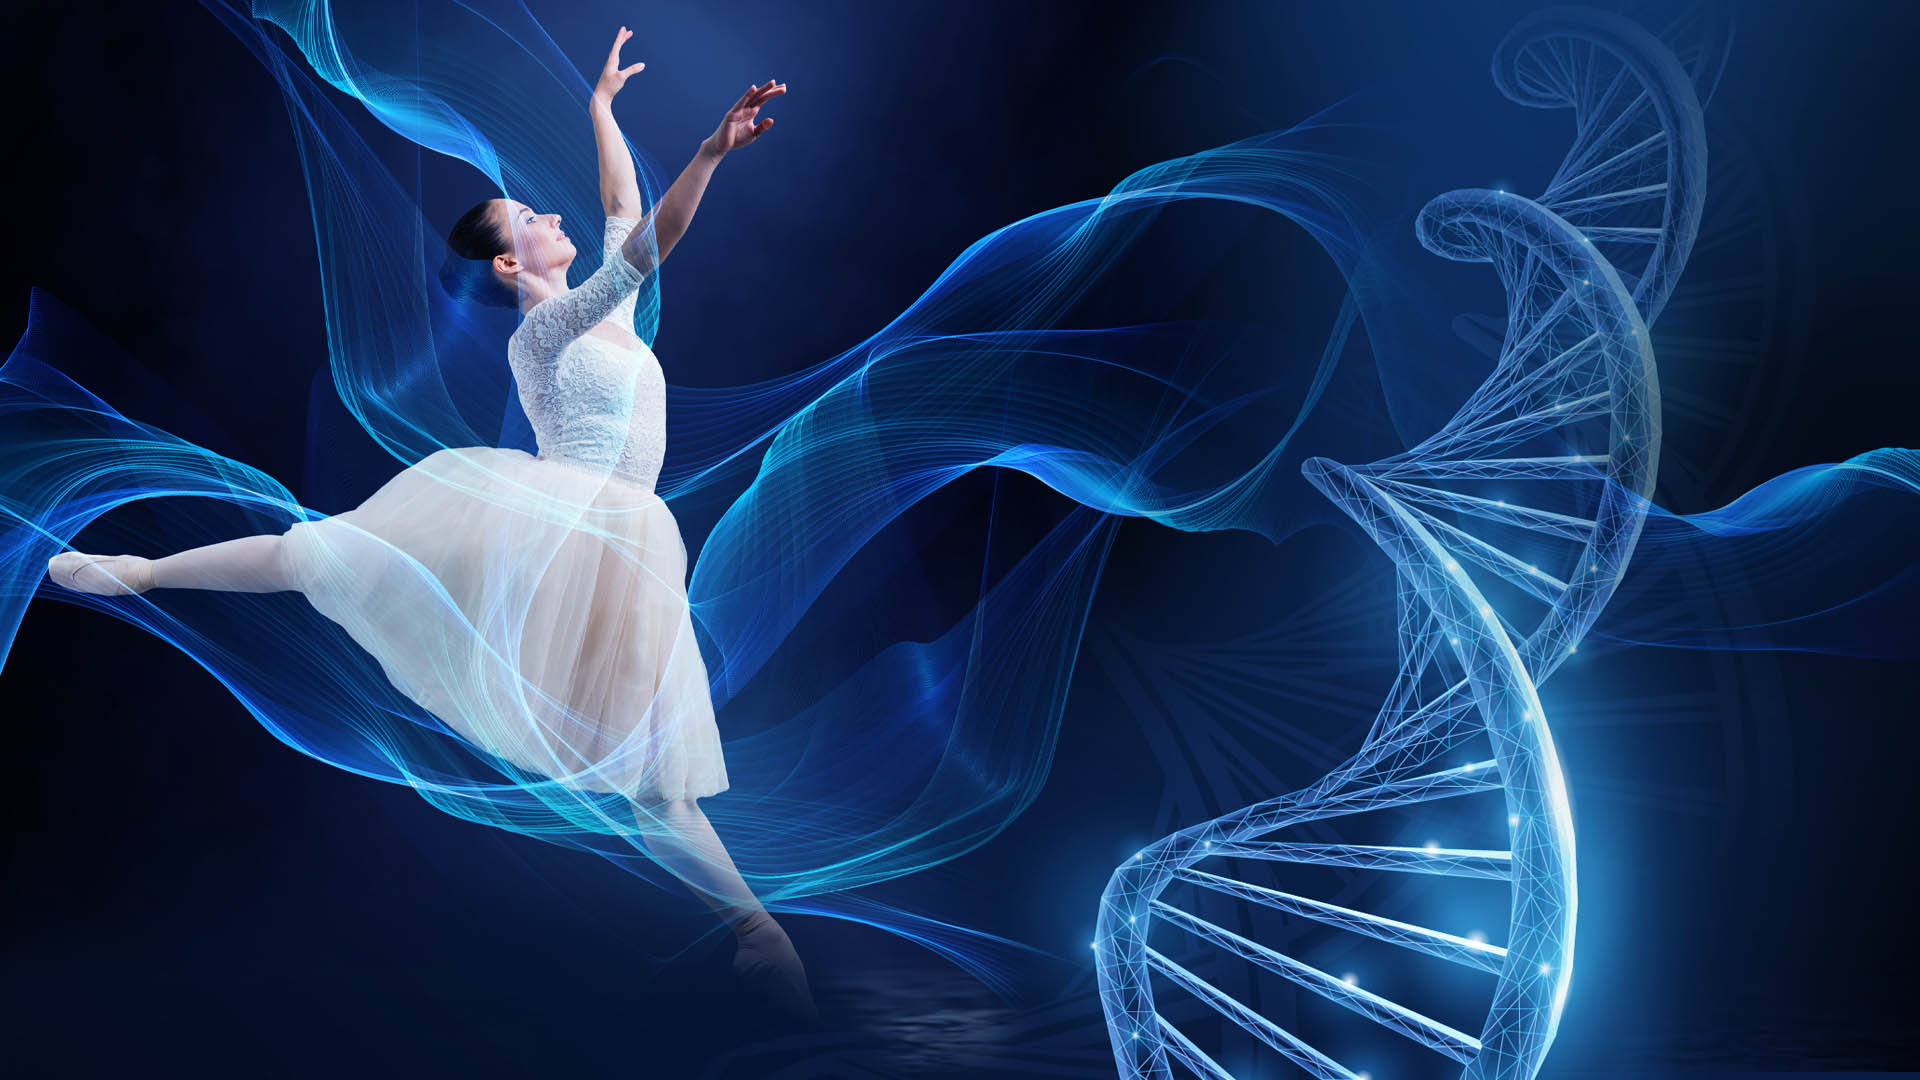 Visual Oogcongres met danseres en DNA-streng